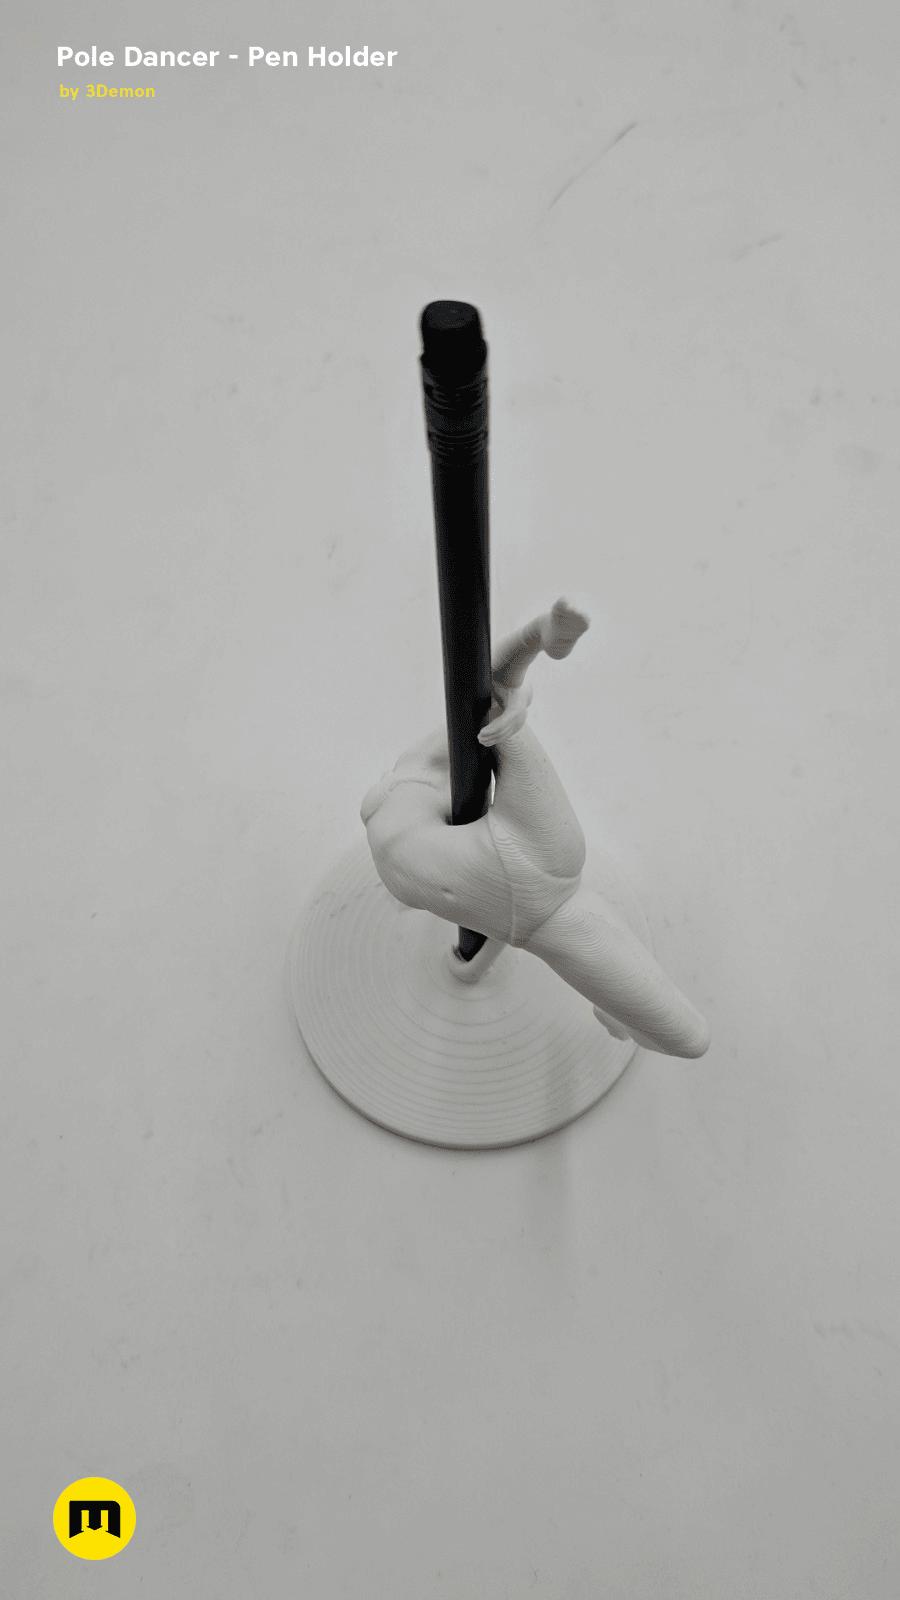 IMG_20190219_142154.png Download STL file Pole Dancer - Pen Holder • Object to 3D print, 3D-mon